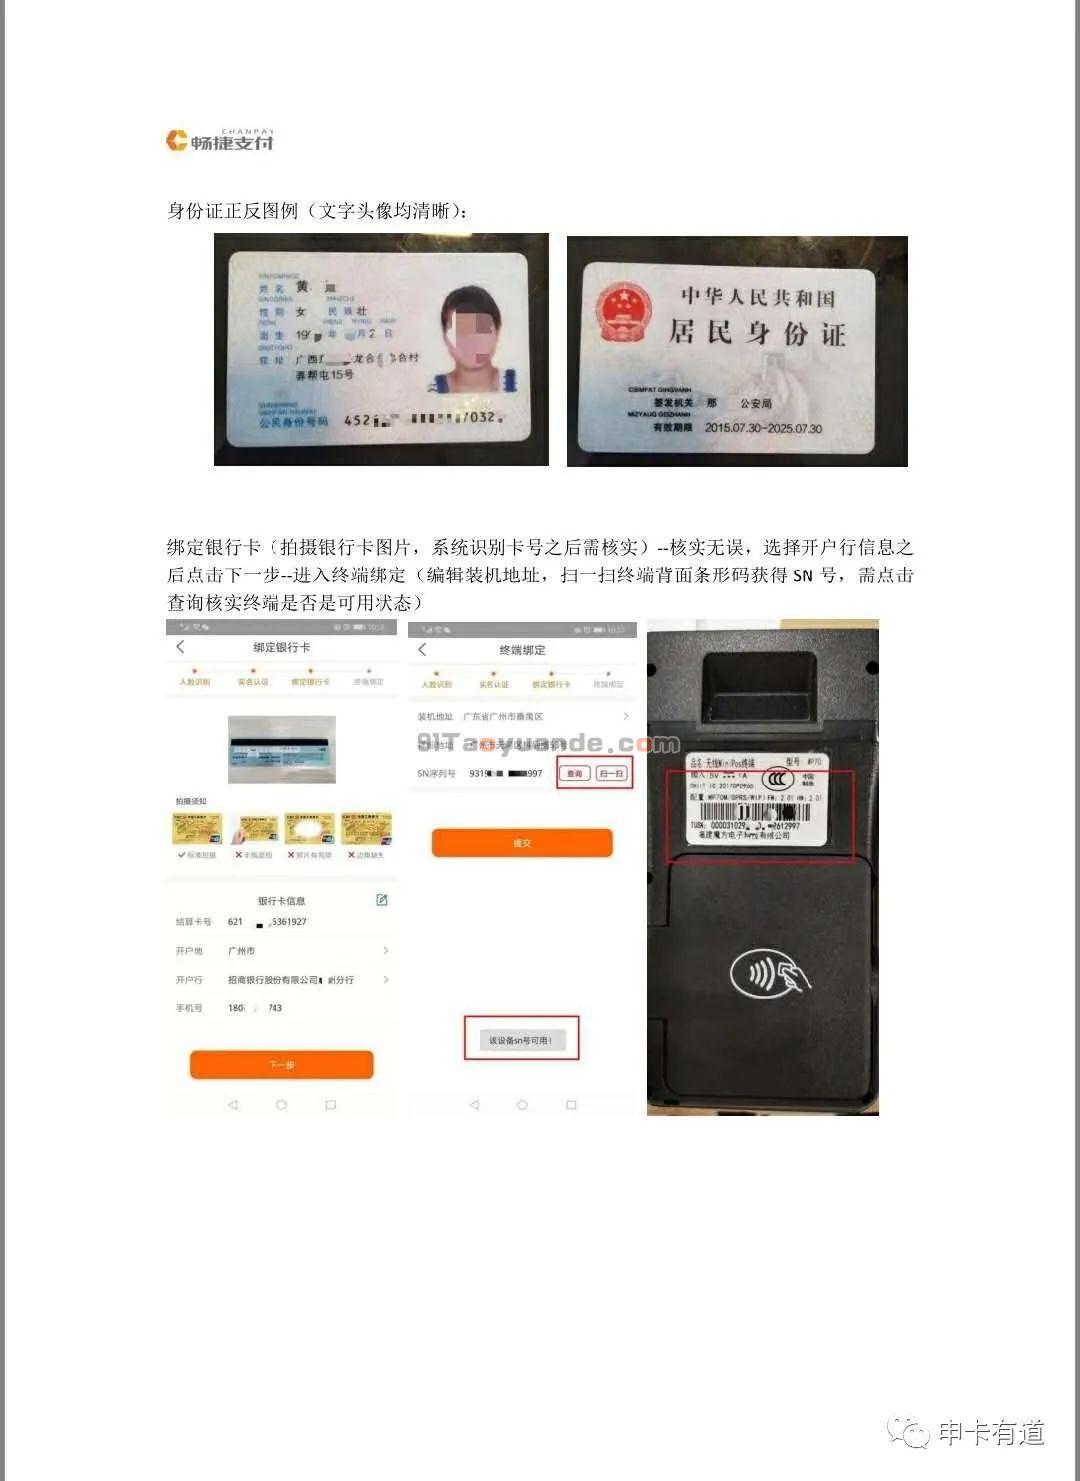 银客通pos机自主注册教程 第3张